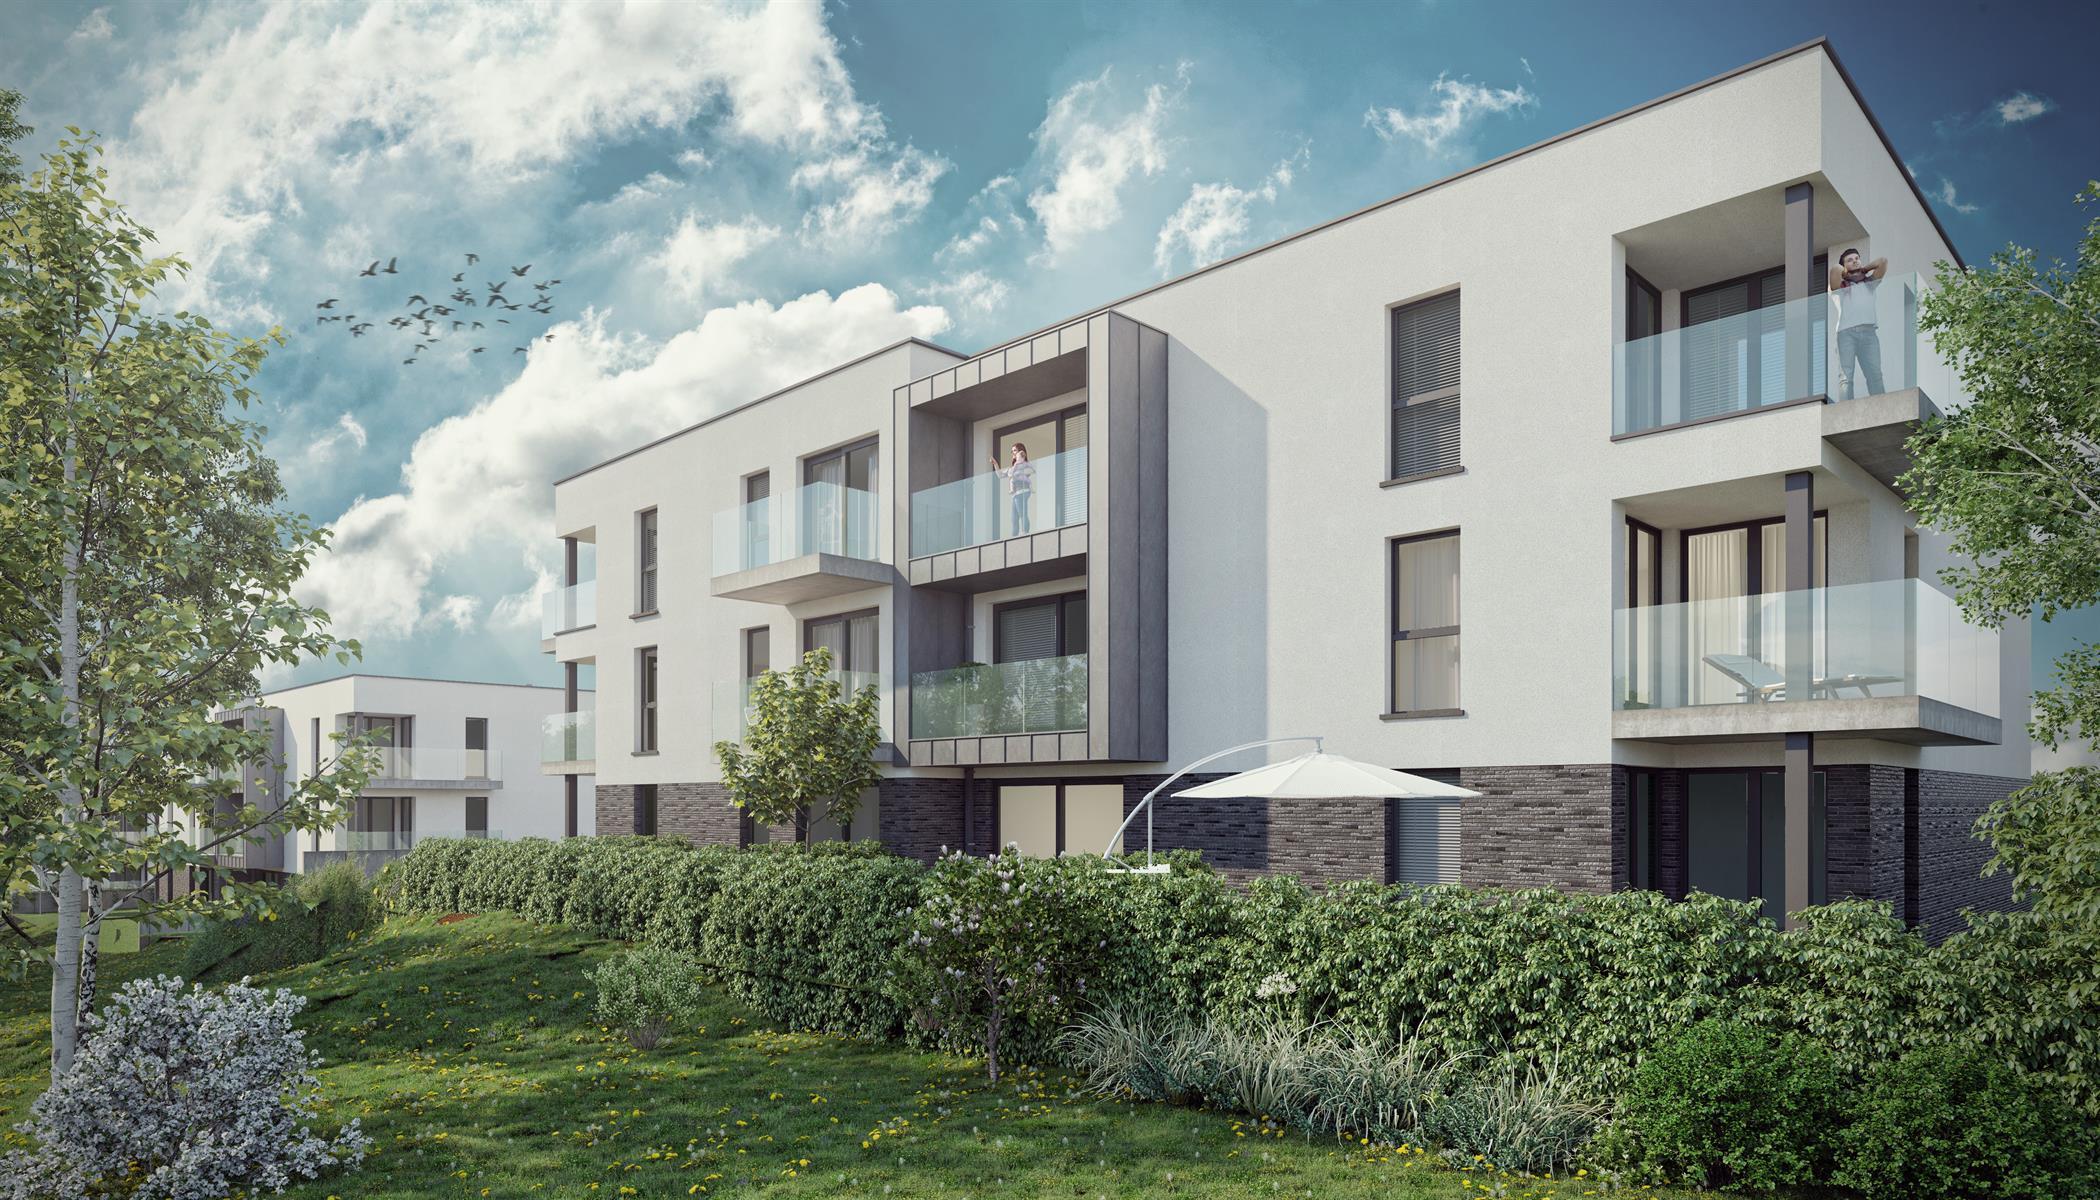 Ground floor with garden - Flemalle - #4197040-41